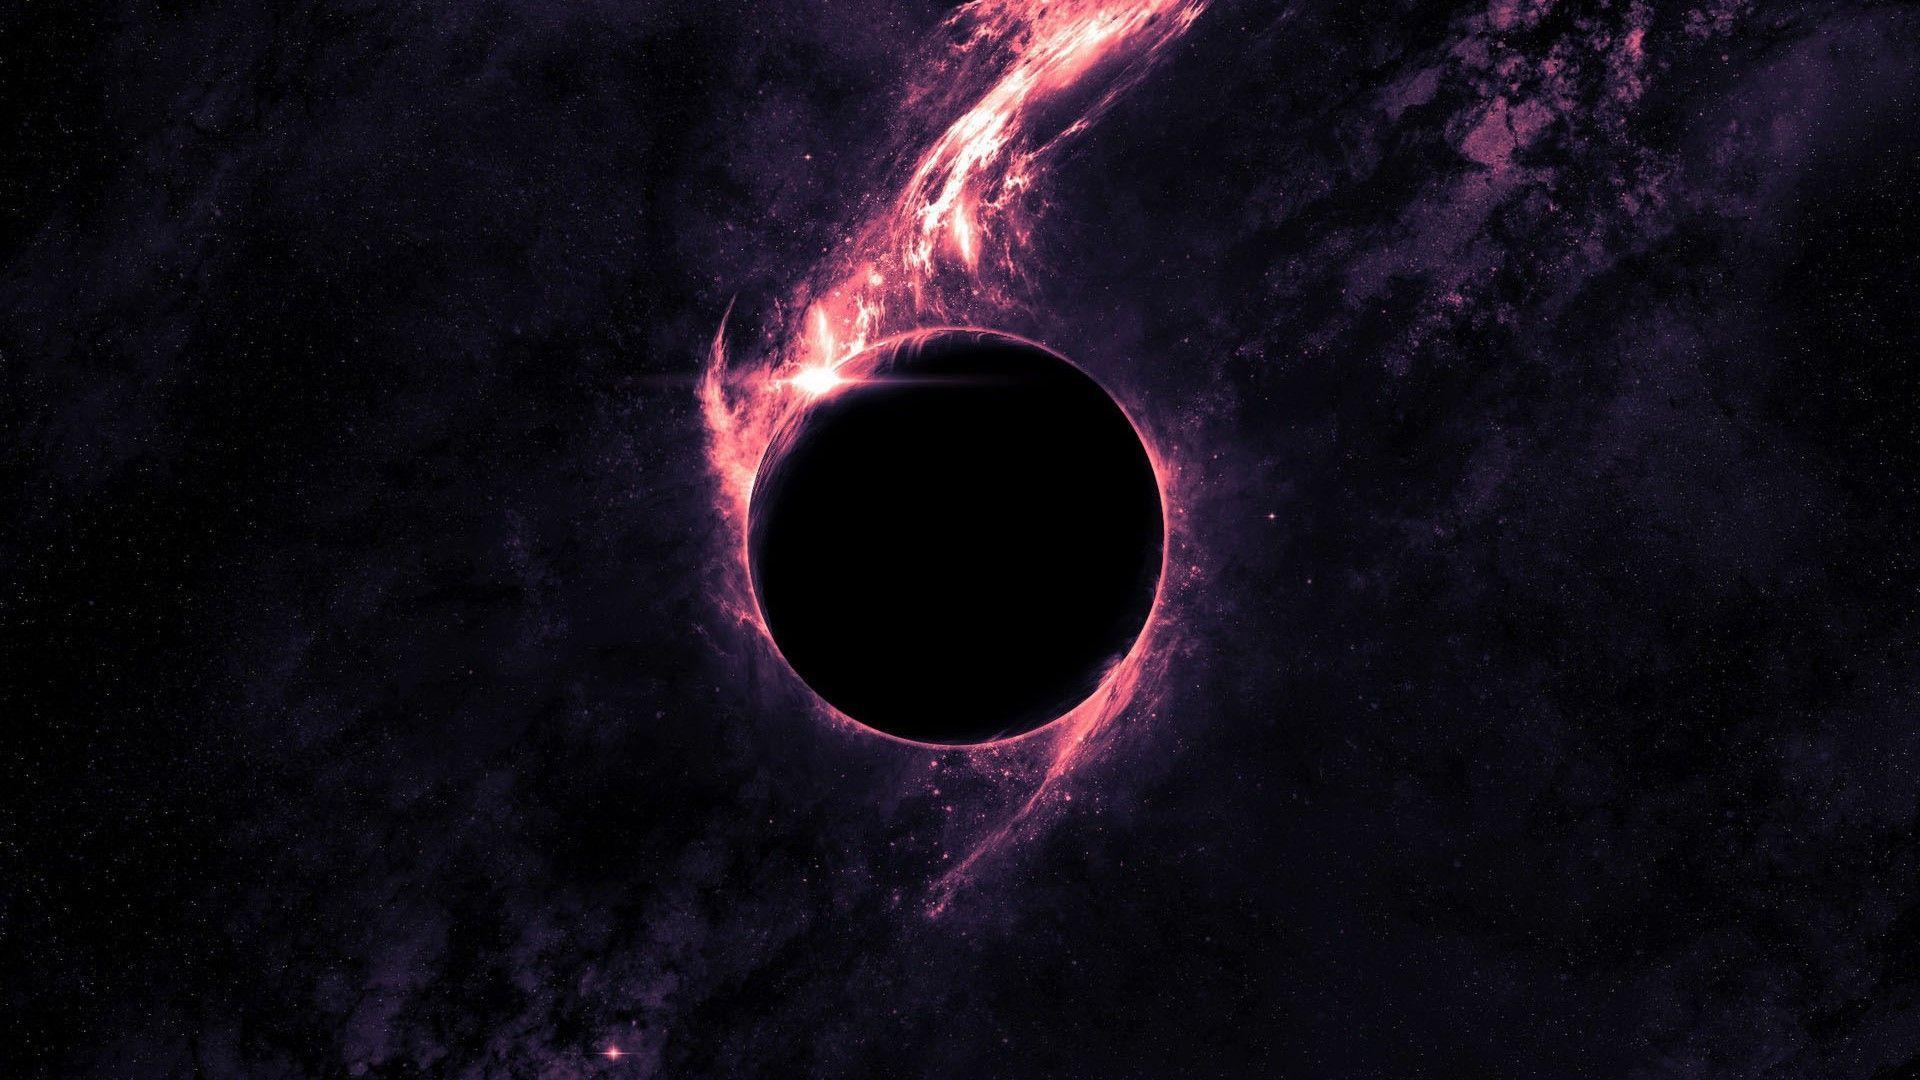 Black Hole Backgrounds 1920x1080